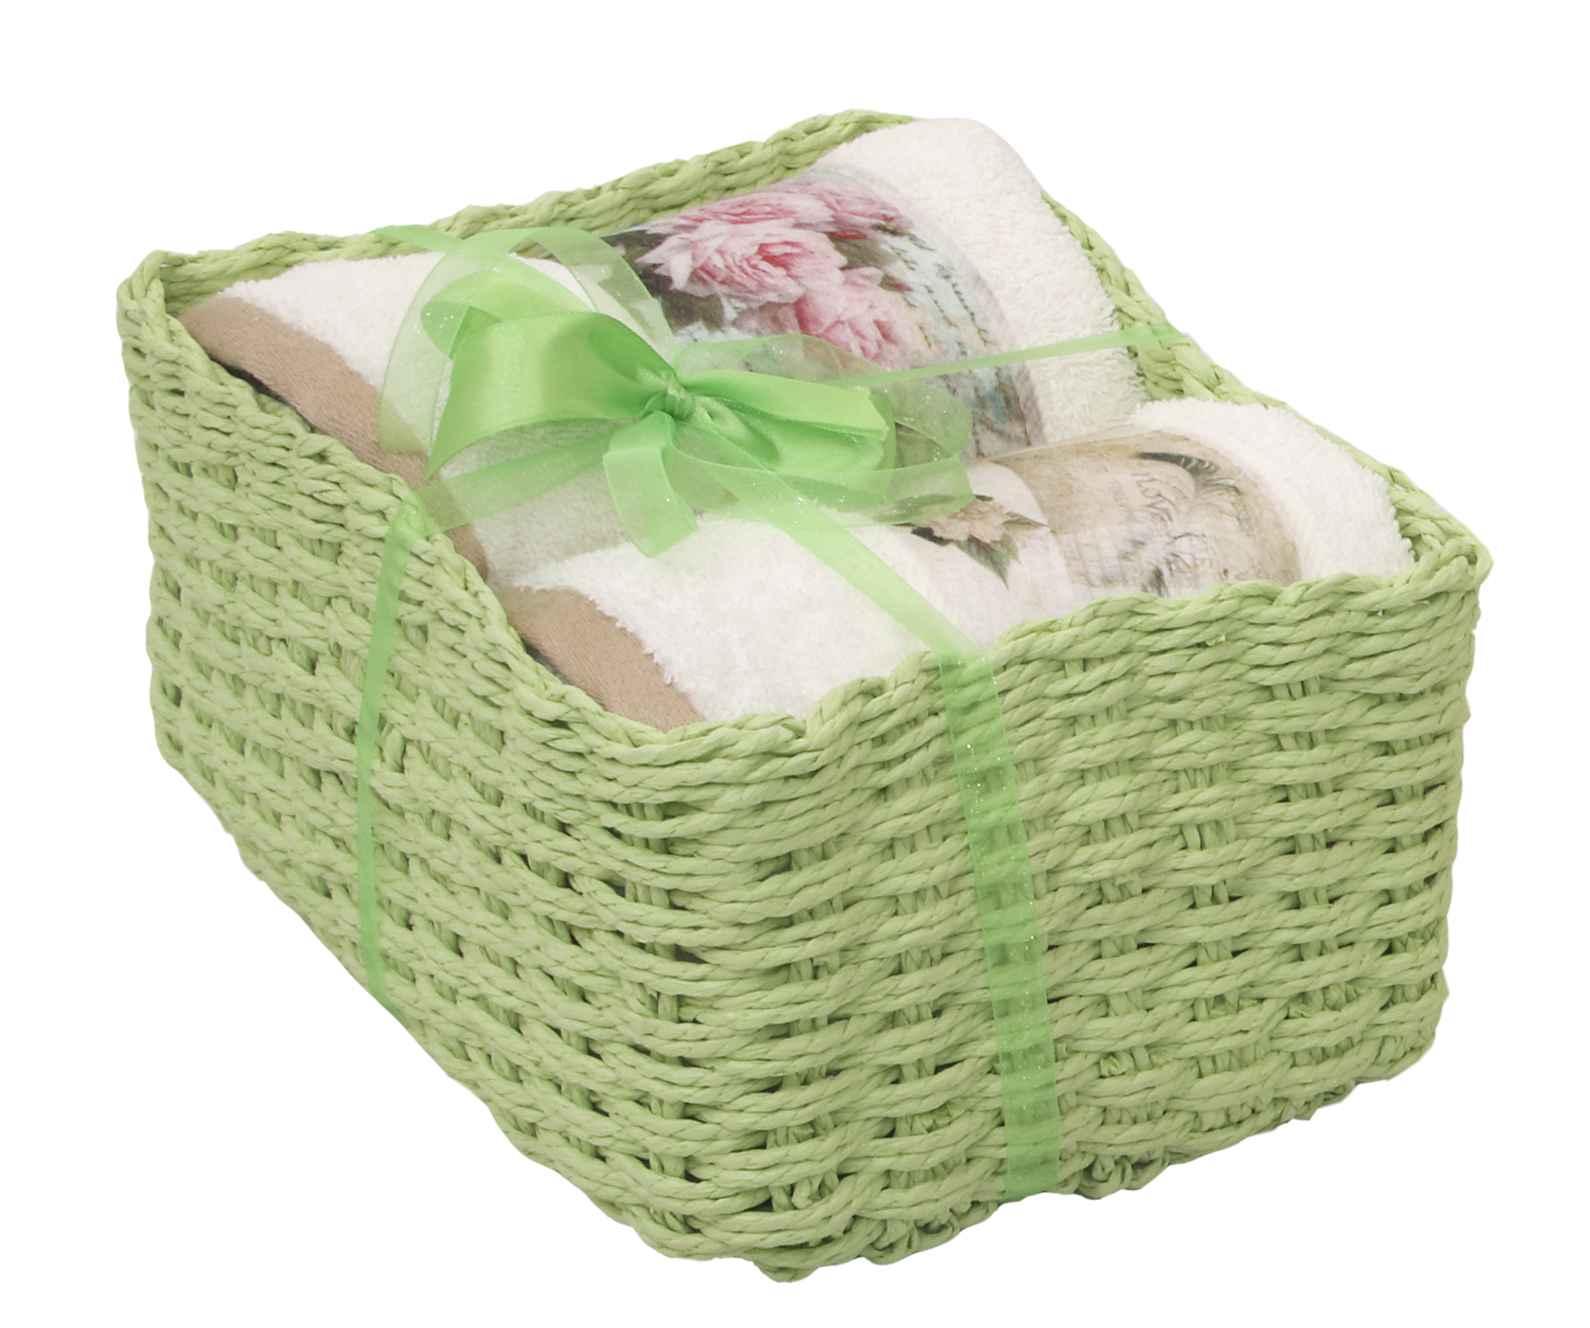 Πετσέτες Σετ 2τμχ. Καλαθάκι Δώρου 131 Green Viopros Σετ Πετσέτες 50x100cm